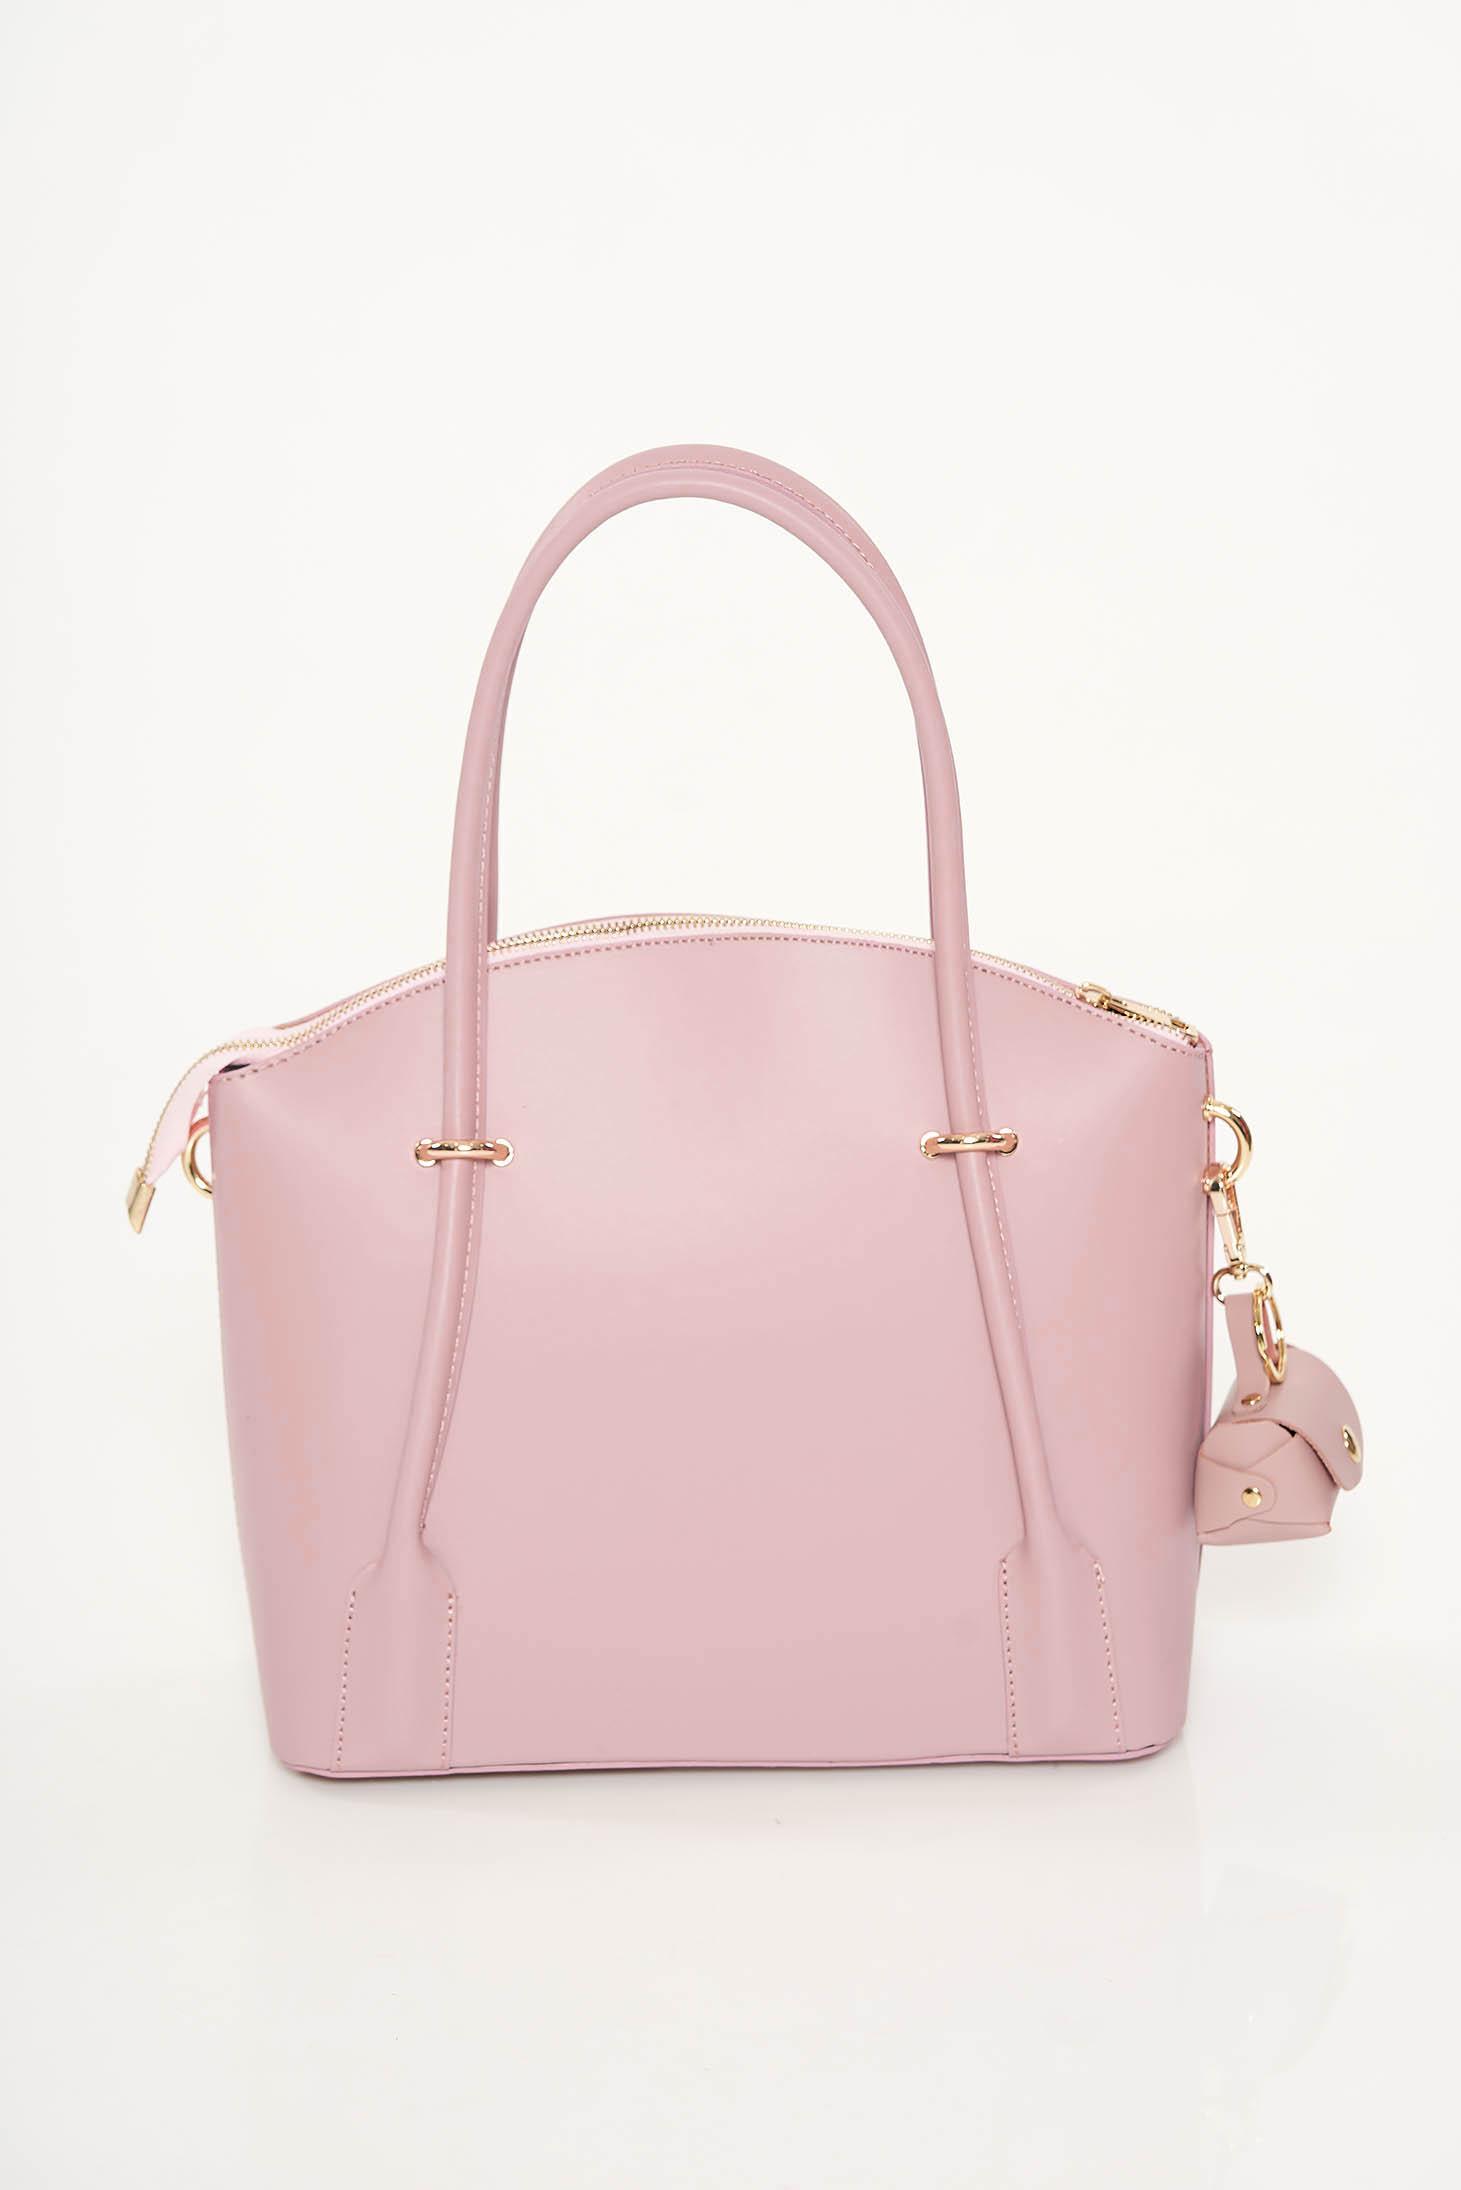 Geanta dama roz deschis office din piele naturala cu doua compartimente si buzunare interioare